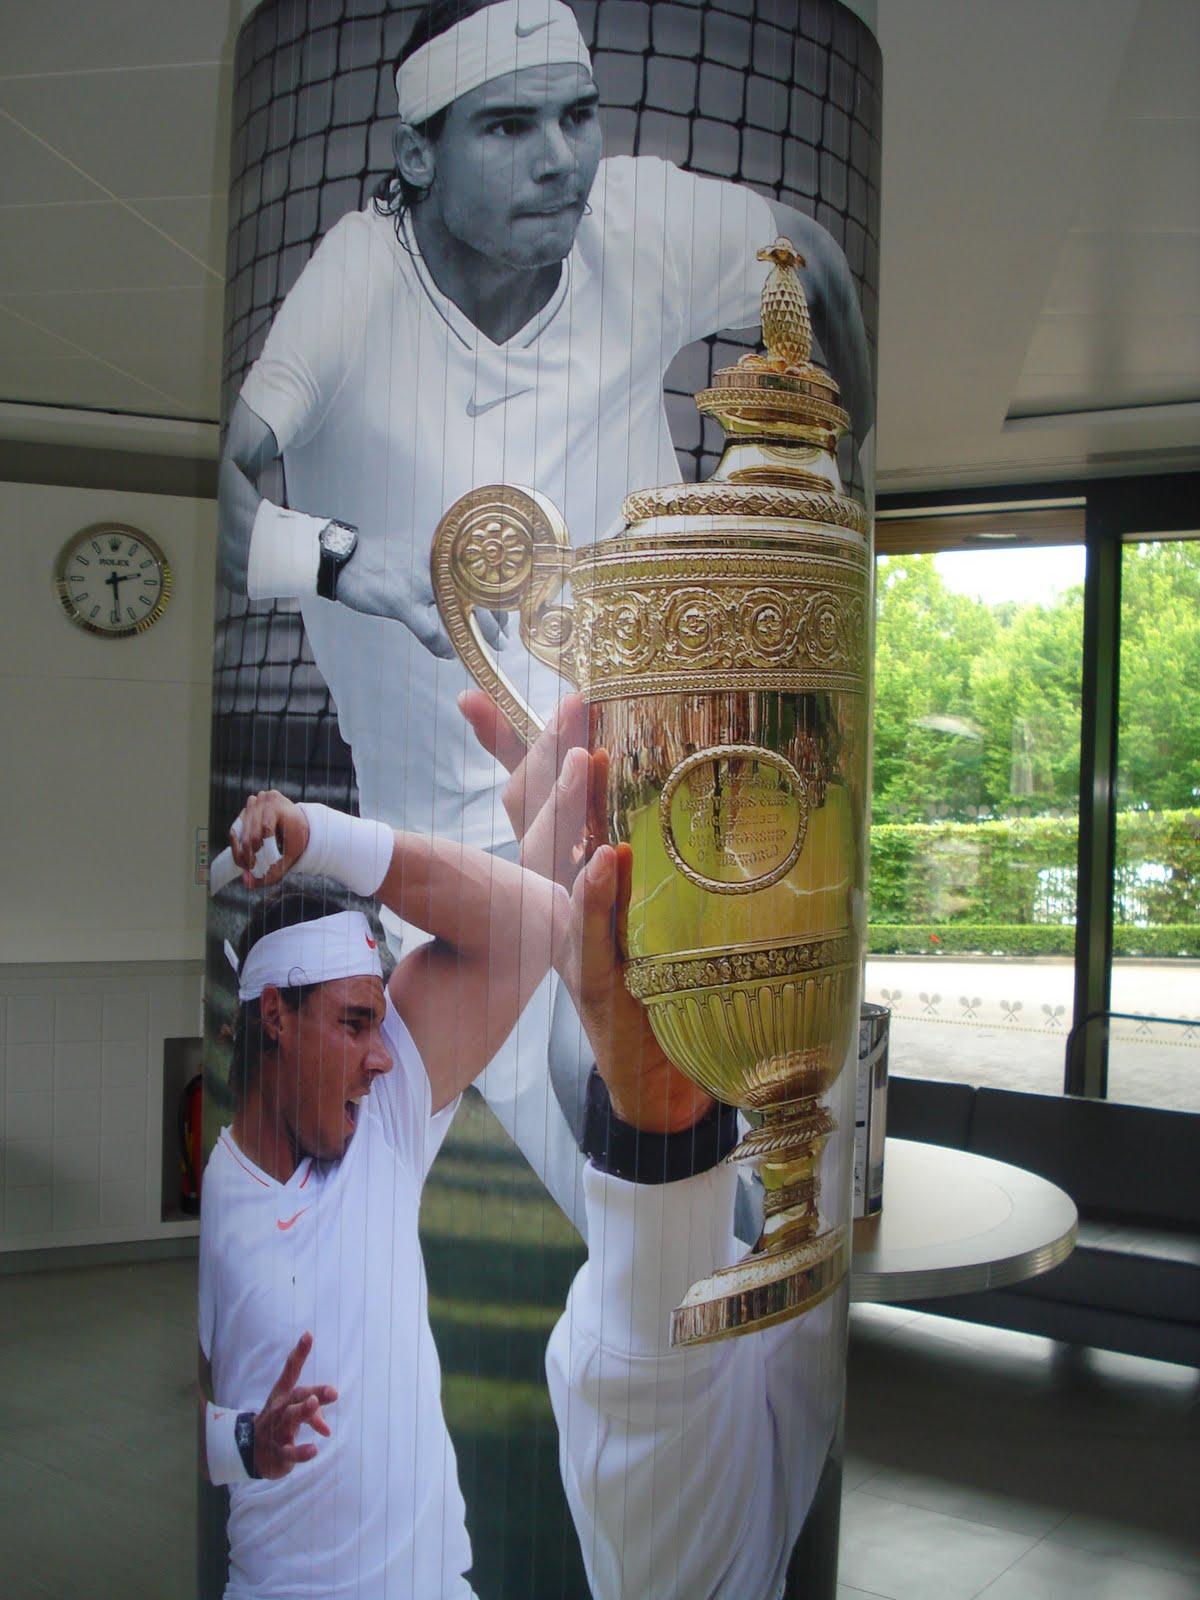 http://1.bp.blogspot.com/-uA4LVX91-o4/ThDQgszHHpI/AAAAAAAAAoE/6TMKhSE4MKc/s1600/Wimbledon%2Btour%2B057.JPG